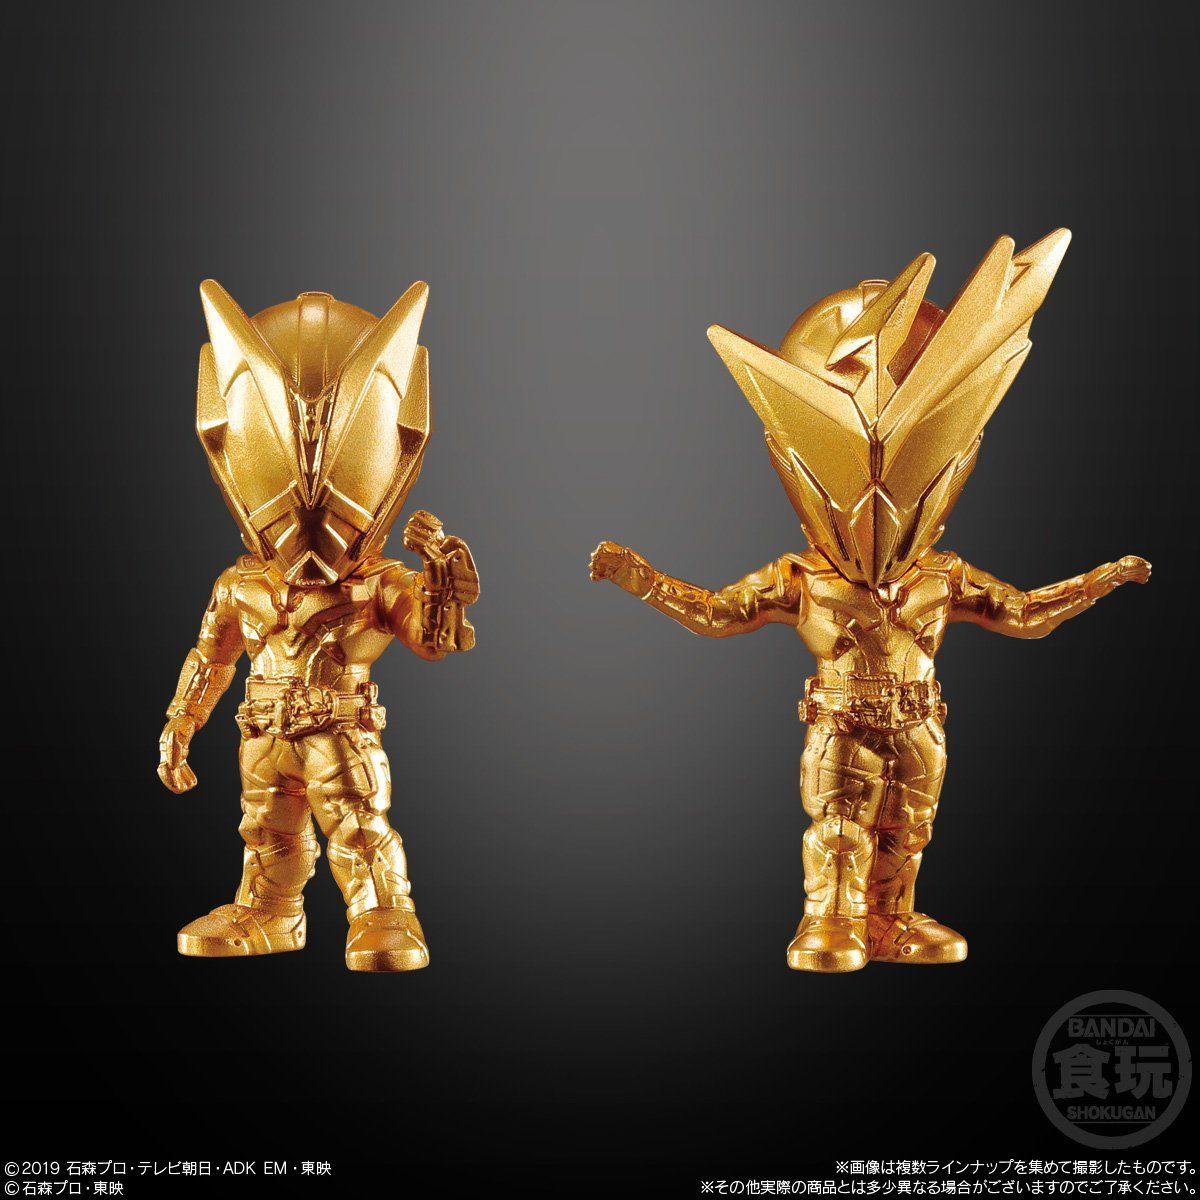 【食玩】『仮面ライダーゴールドフィギュア01』16個入りBOX-003